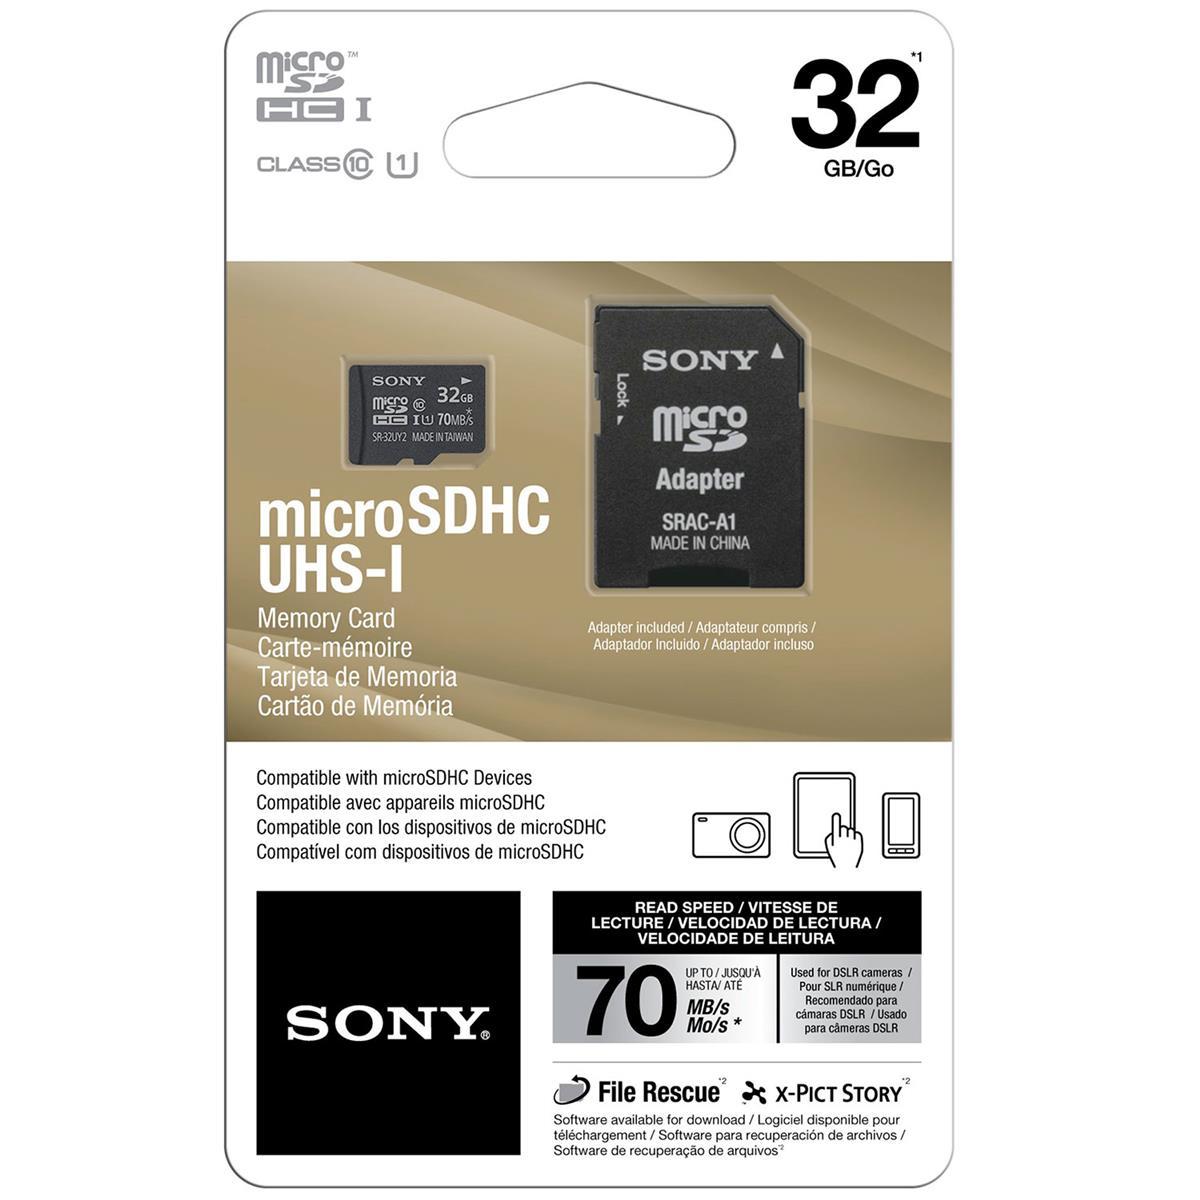 Cartão De Memória 32Gb Com Adaptador Preto Sra - A1c1032gb Sony